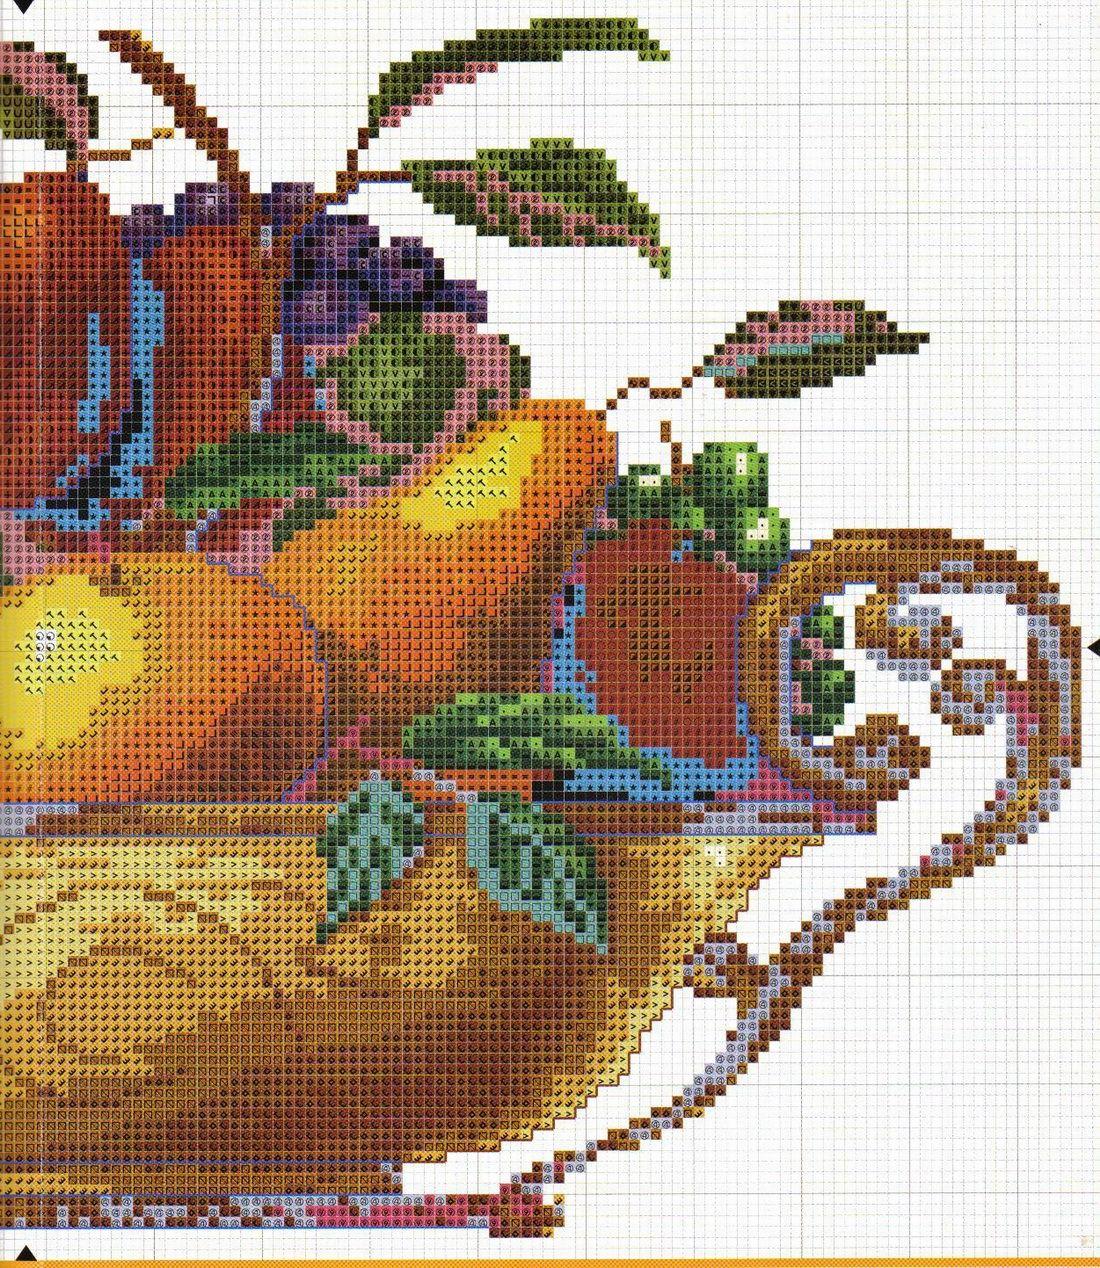 Cocina frutero 2 punto de cruz pinterest fruteros - Punto de cruz cocina ...